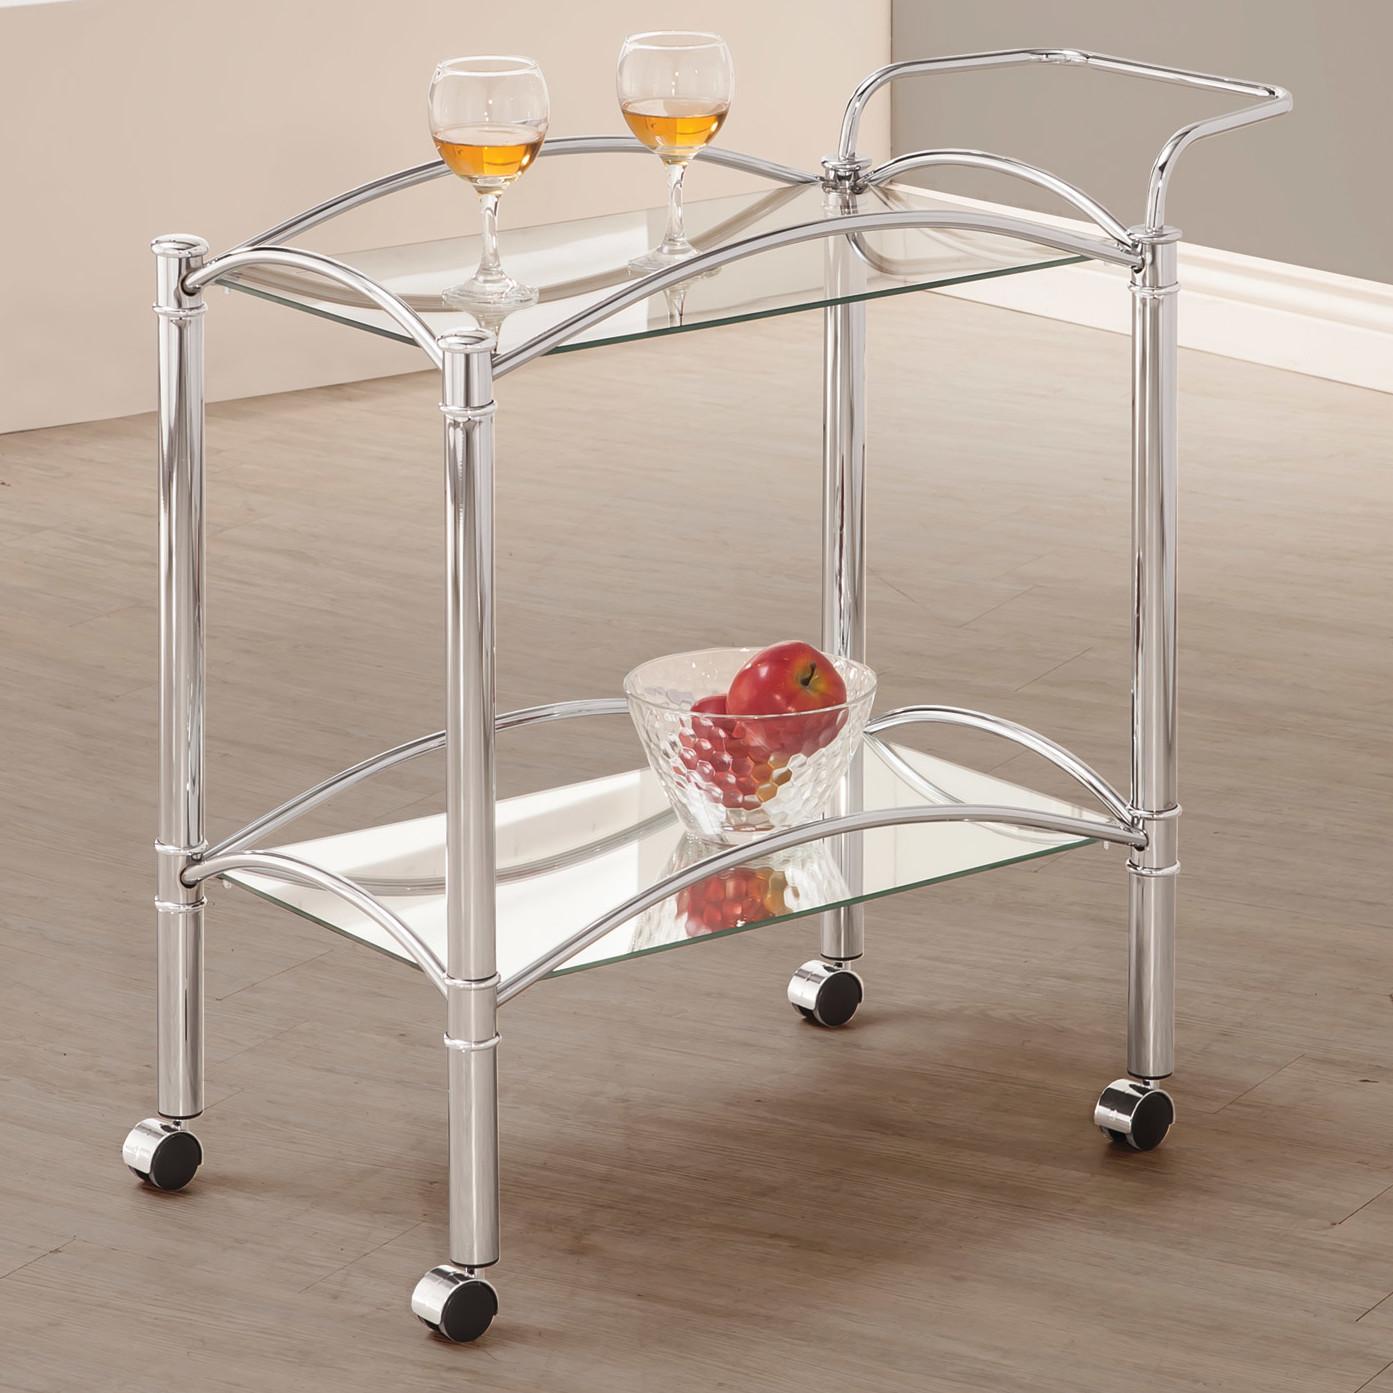 Сервировочный столик из пластика